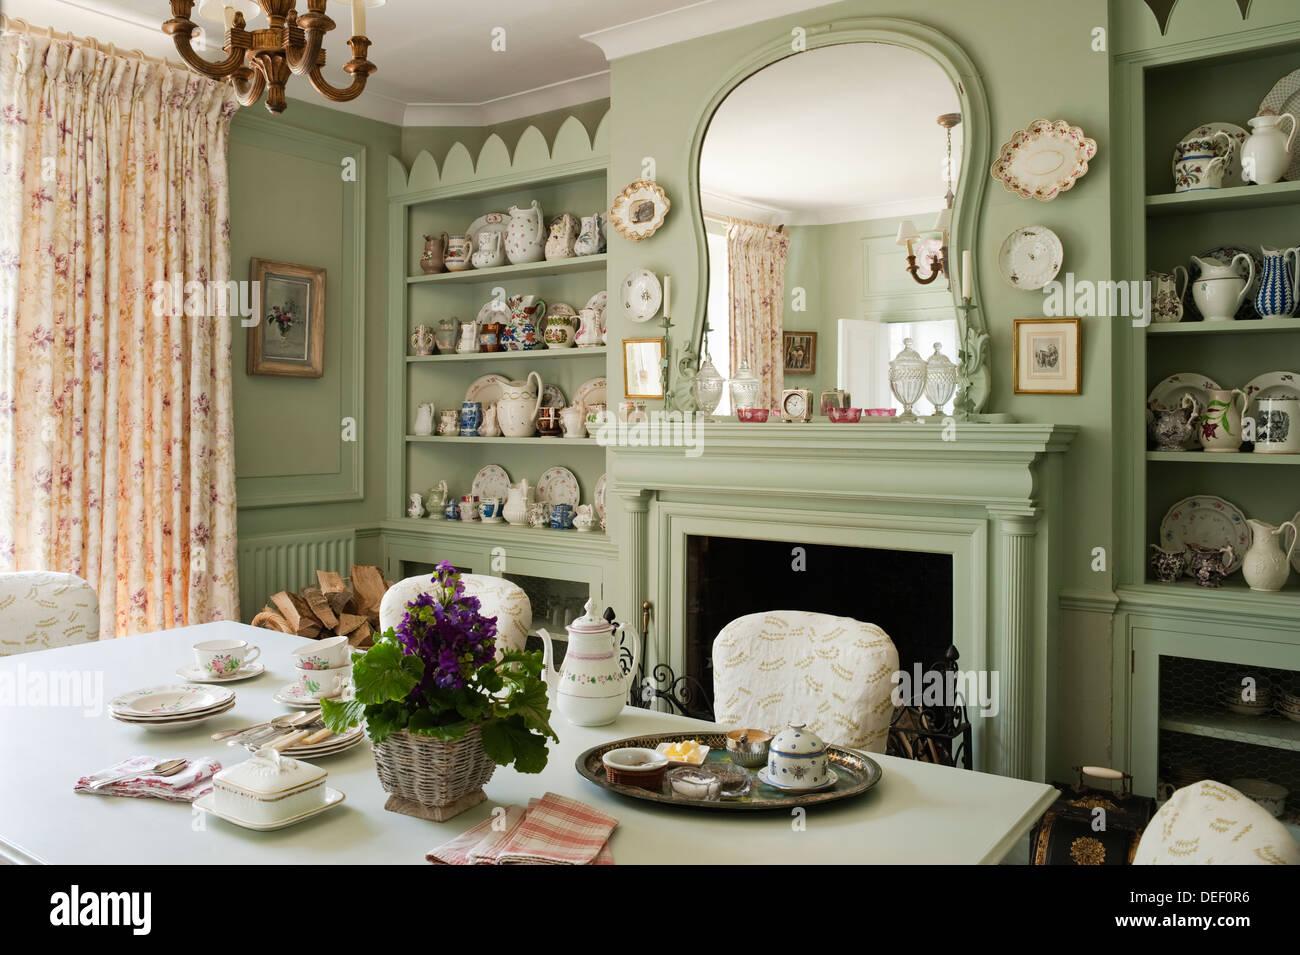 Land Haus Esszimmer mit Pottert Sammlung zur vertieften Regale in Pastell Grün lackiert Stockbild